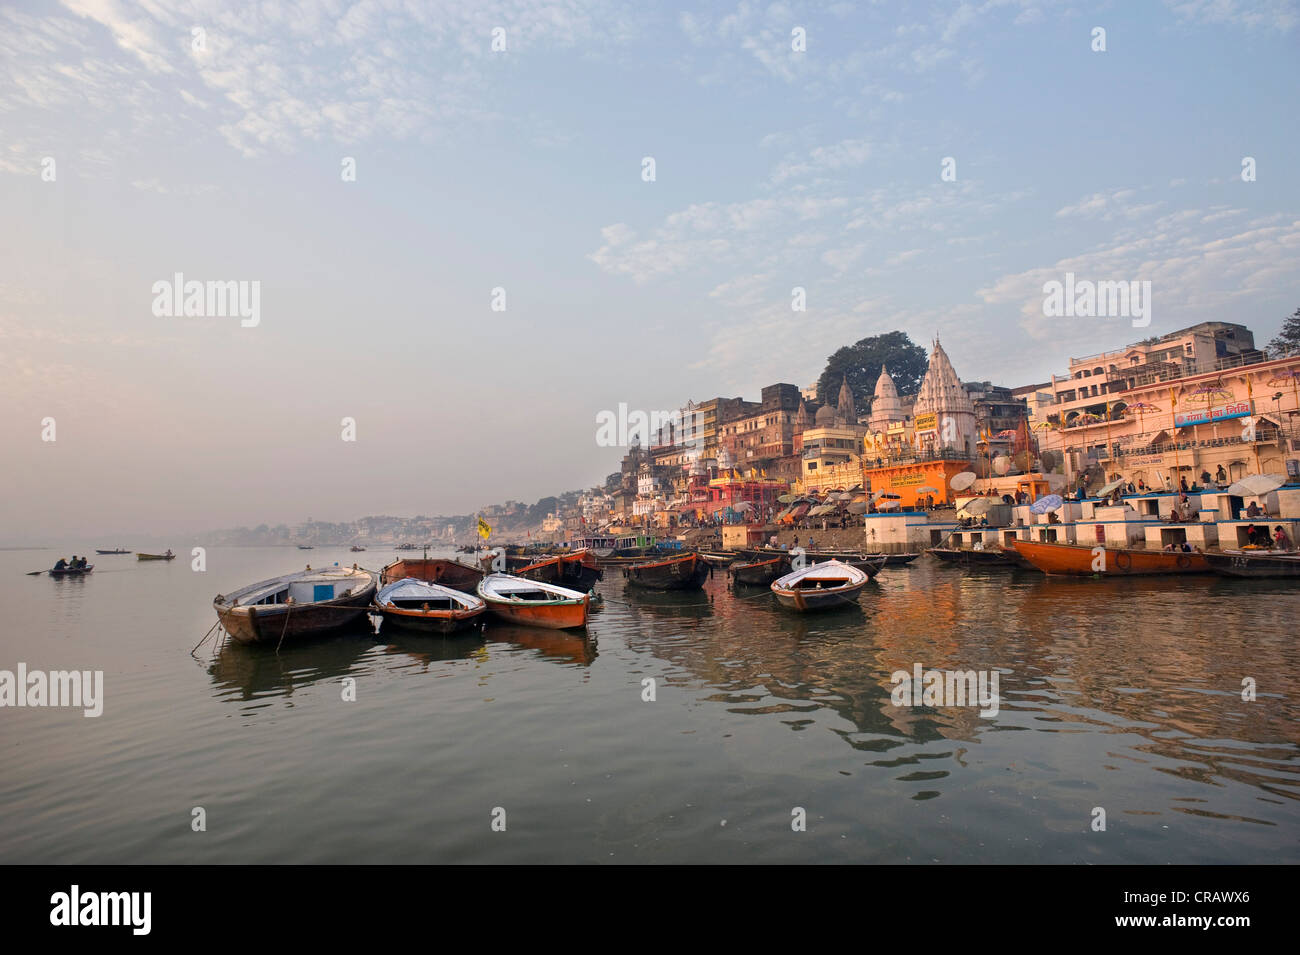 Con vistas a la ciudad o Ghats, escaleras sagrado río Ganges, Varanasi, Uttar Pradesh, India, Asia Imagen De Stock